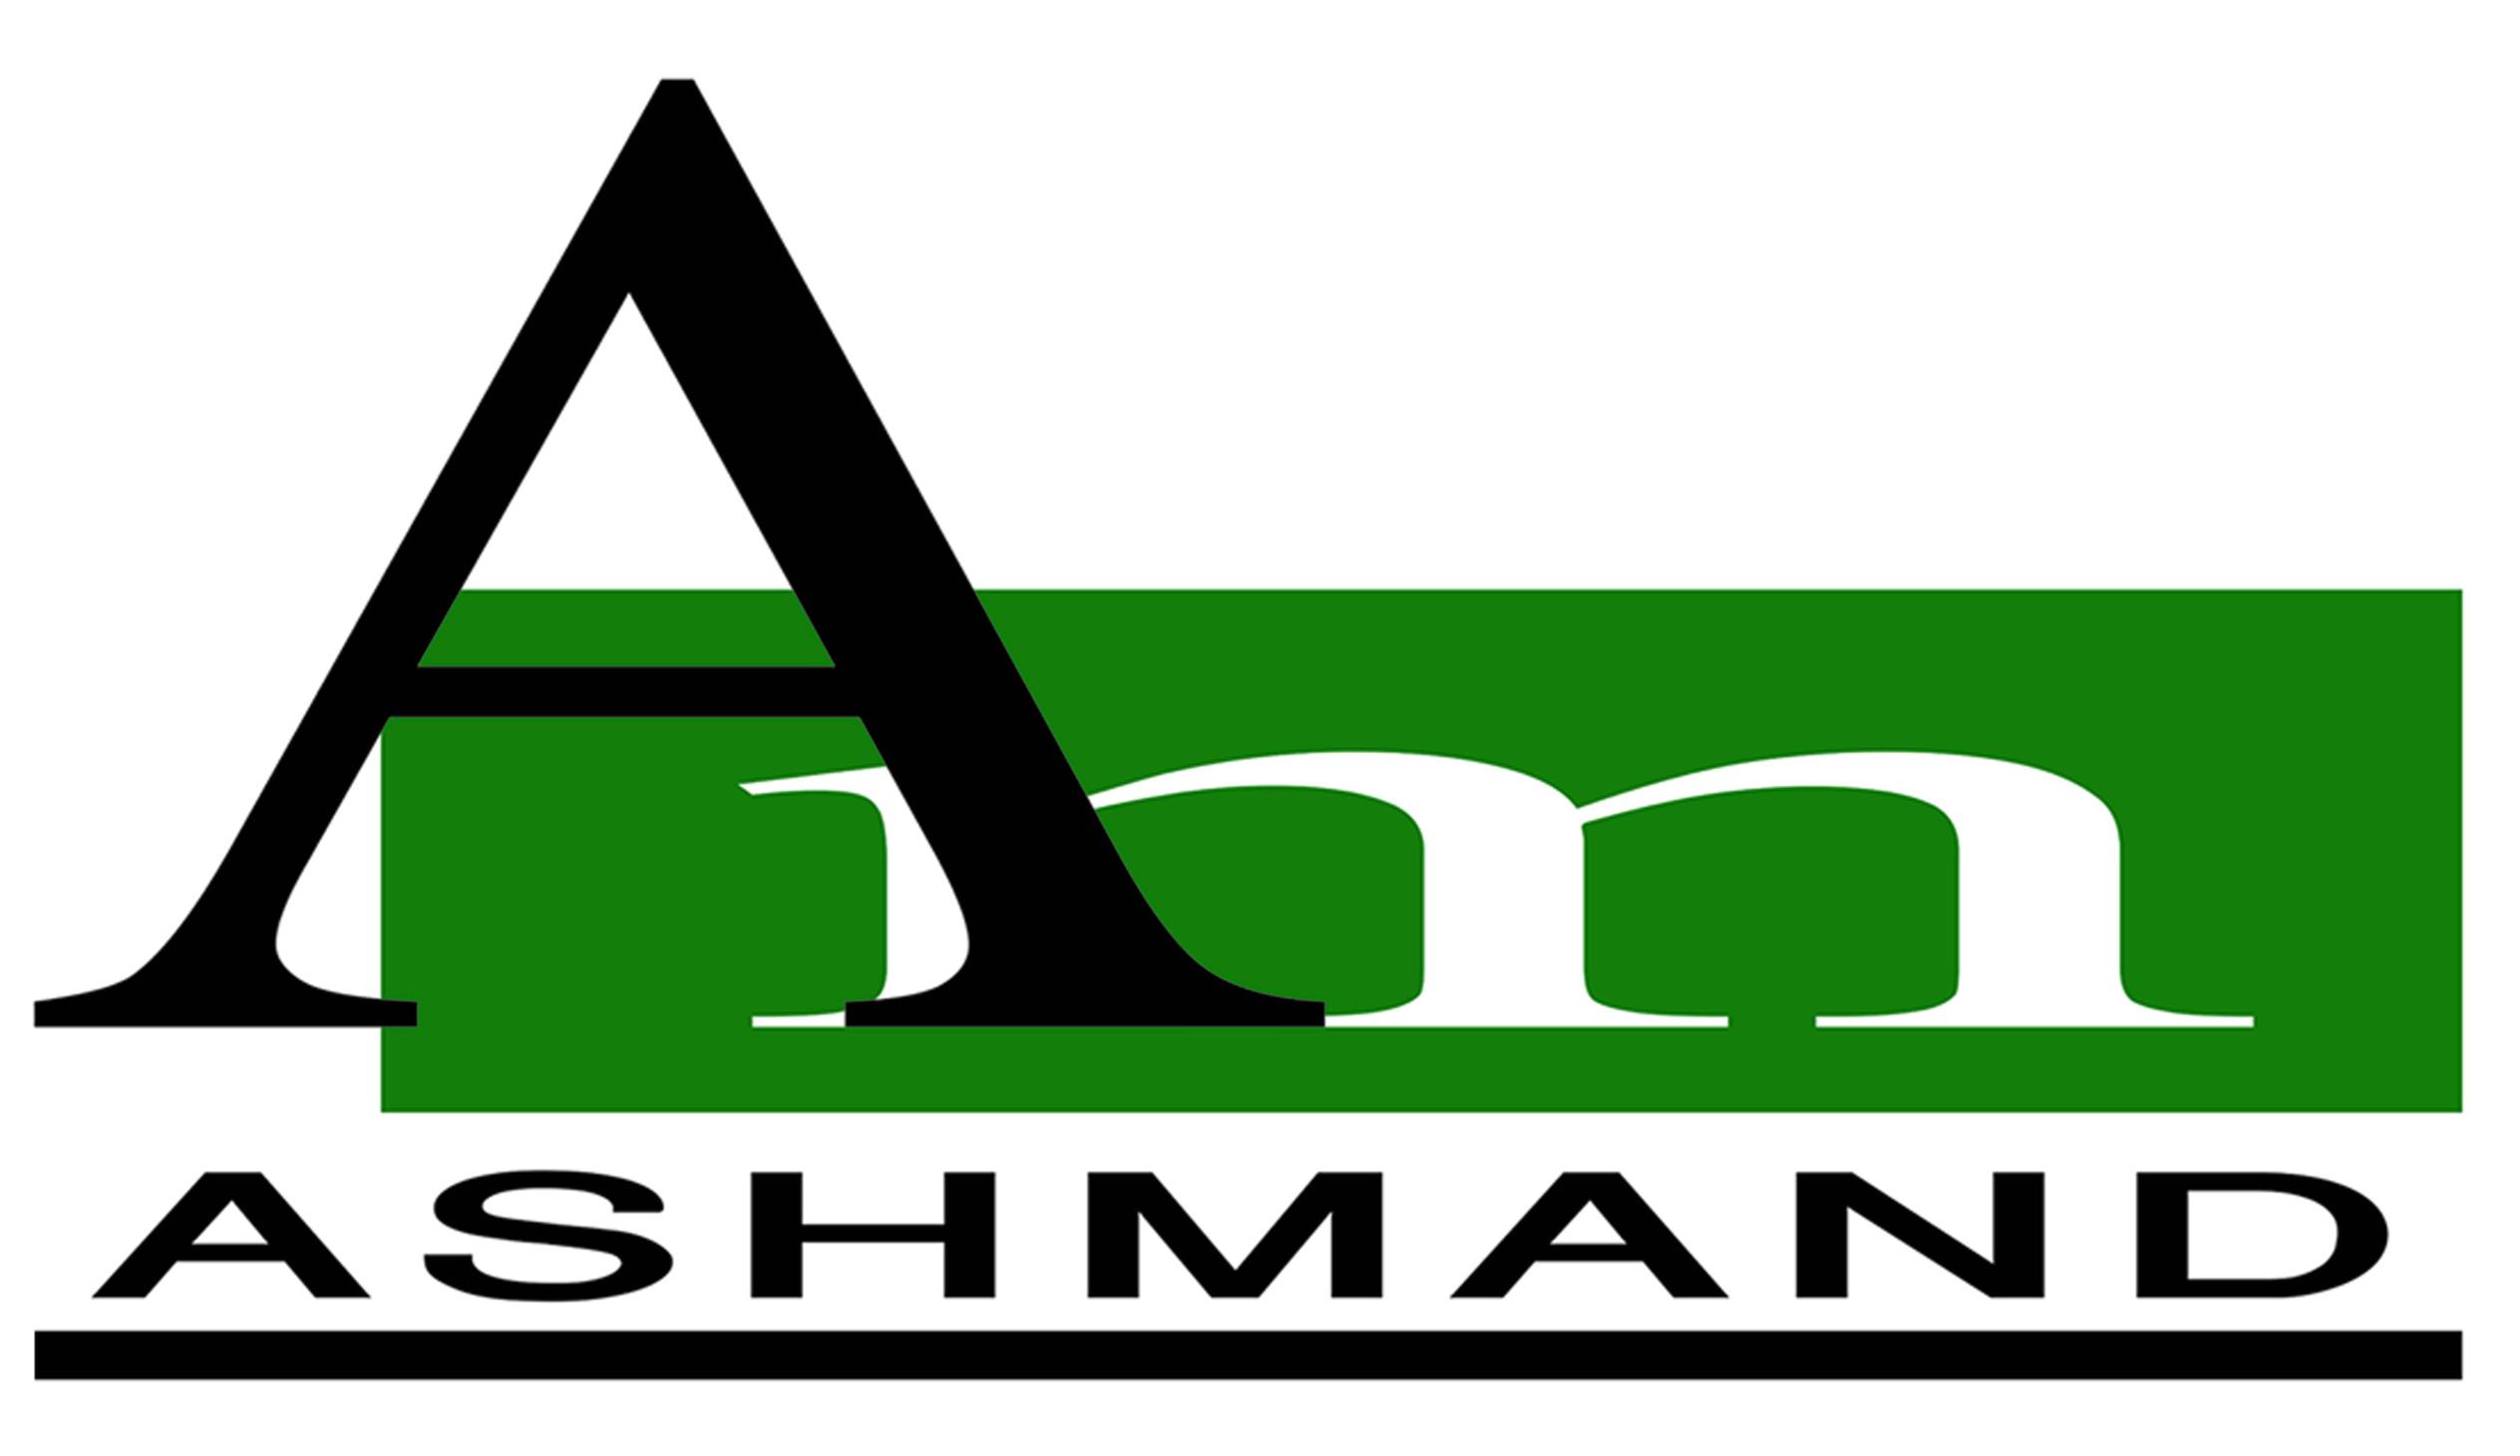 Ashmand